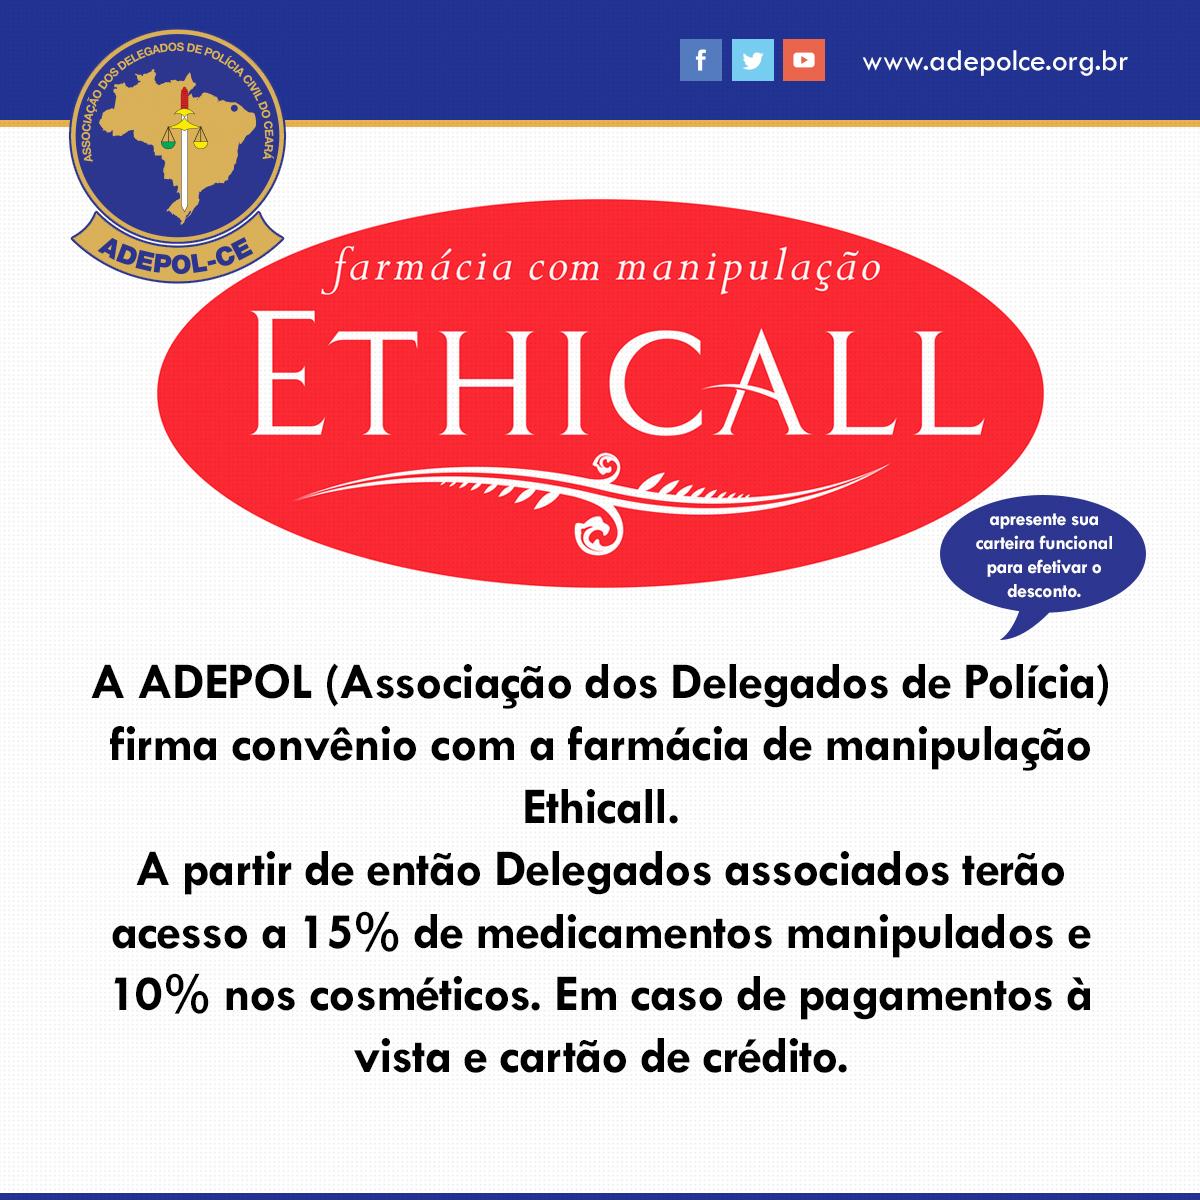 Convênio com a farmácia de manipulação Ethicall